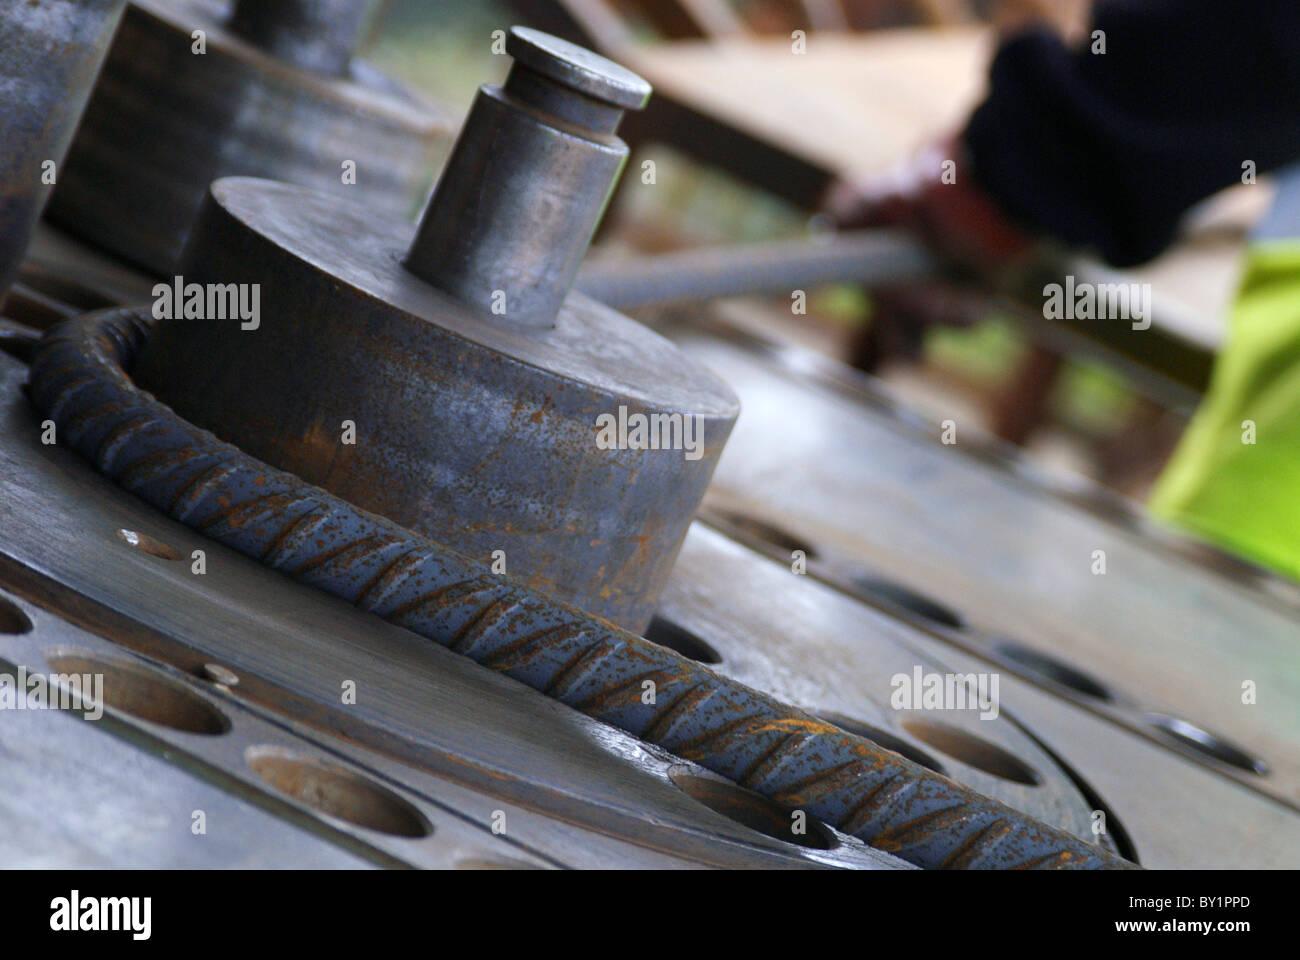 concrete reinforcement steel rebar cut and bent factory worker bending steel rods stock photo rebar worker